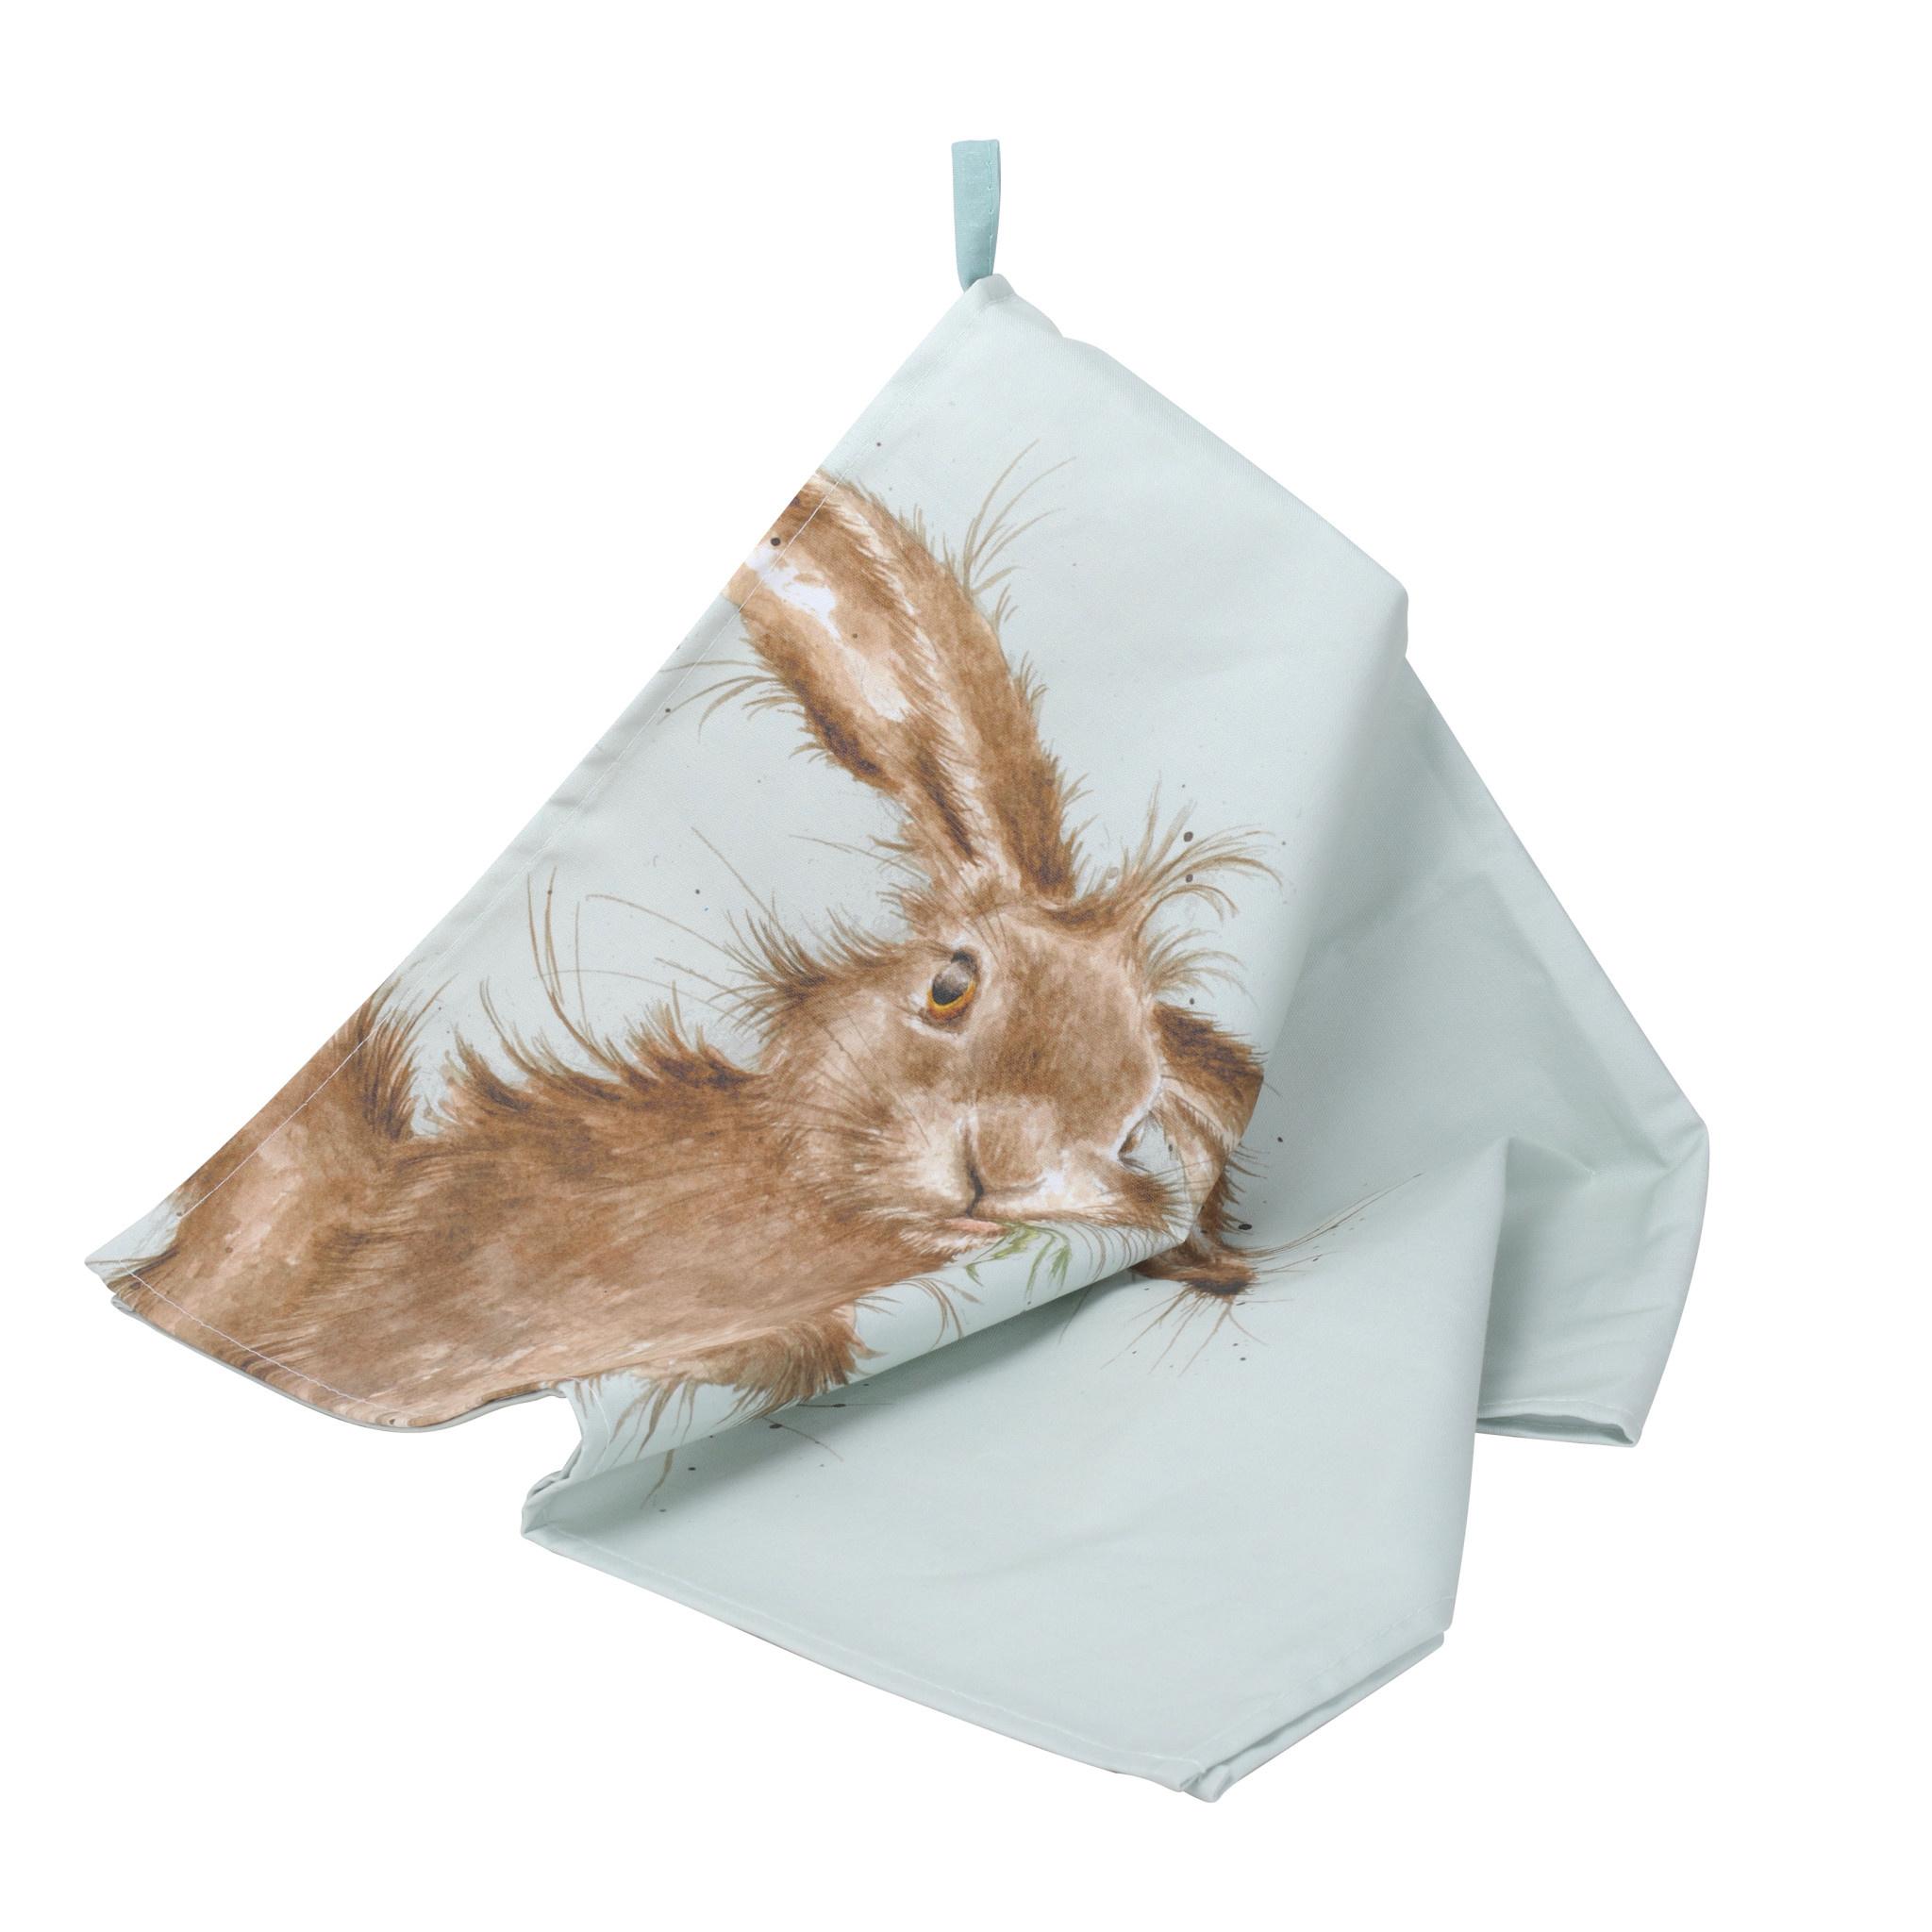 """Wrendale Designs Tea Towel 18"""" x 29"""" - Hare"""